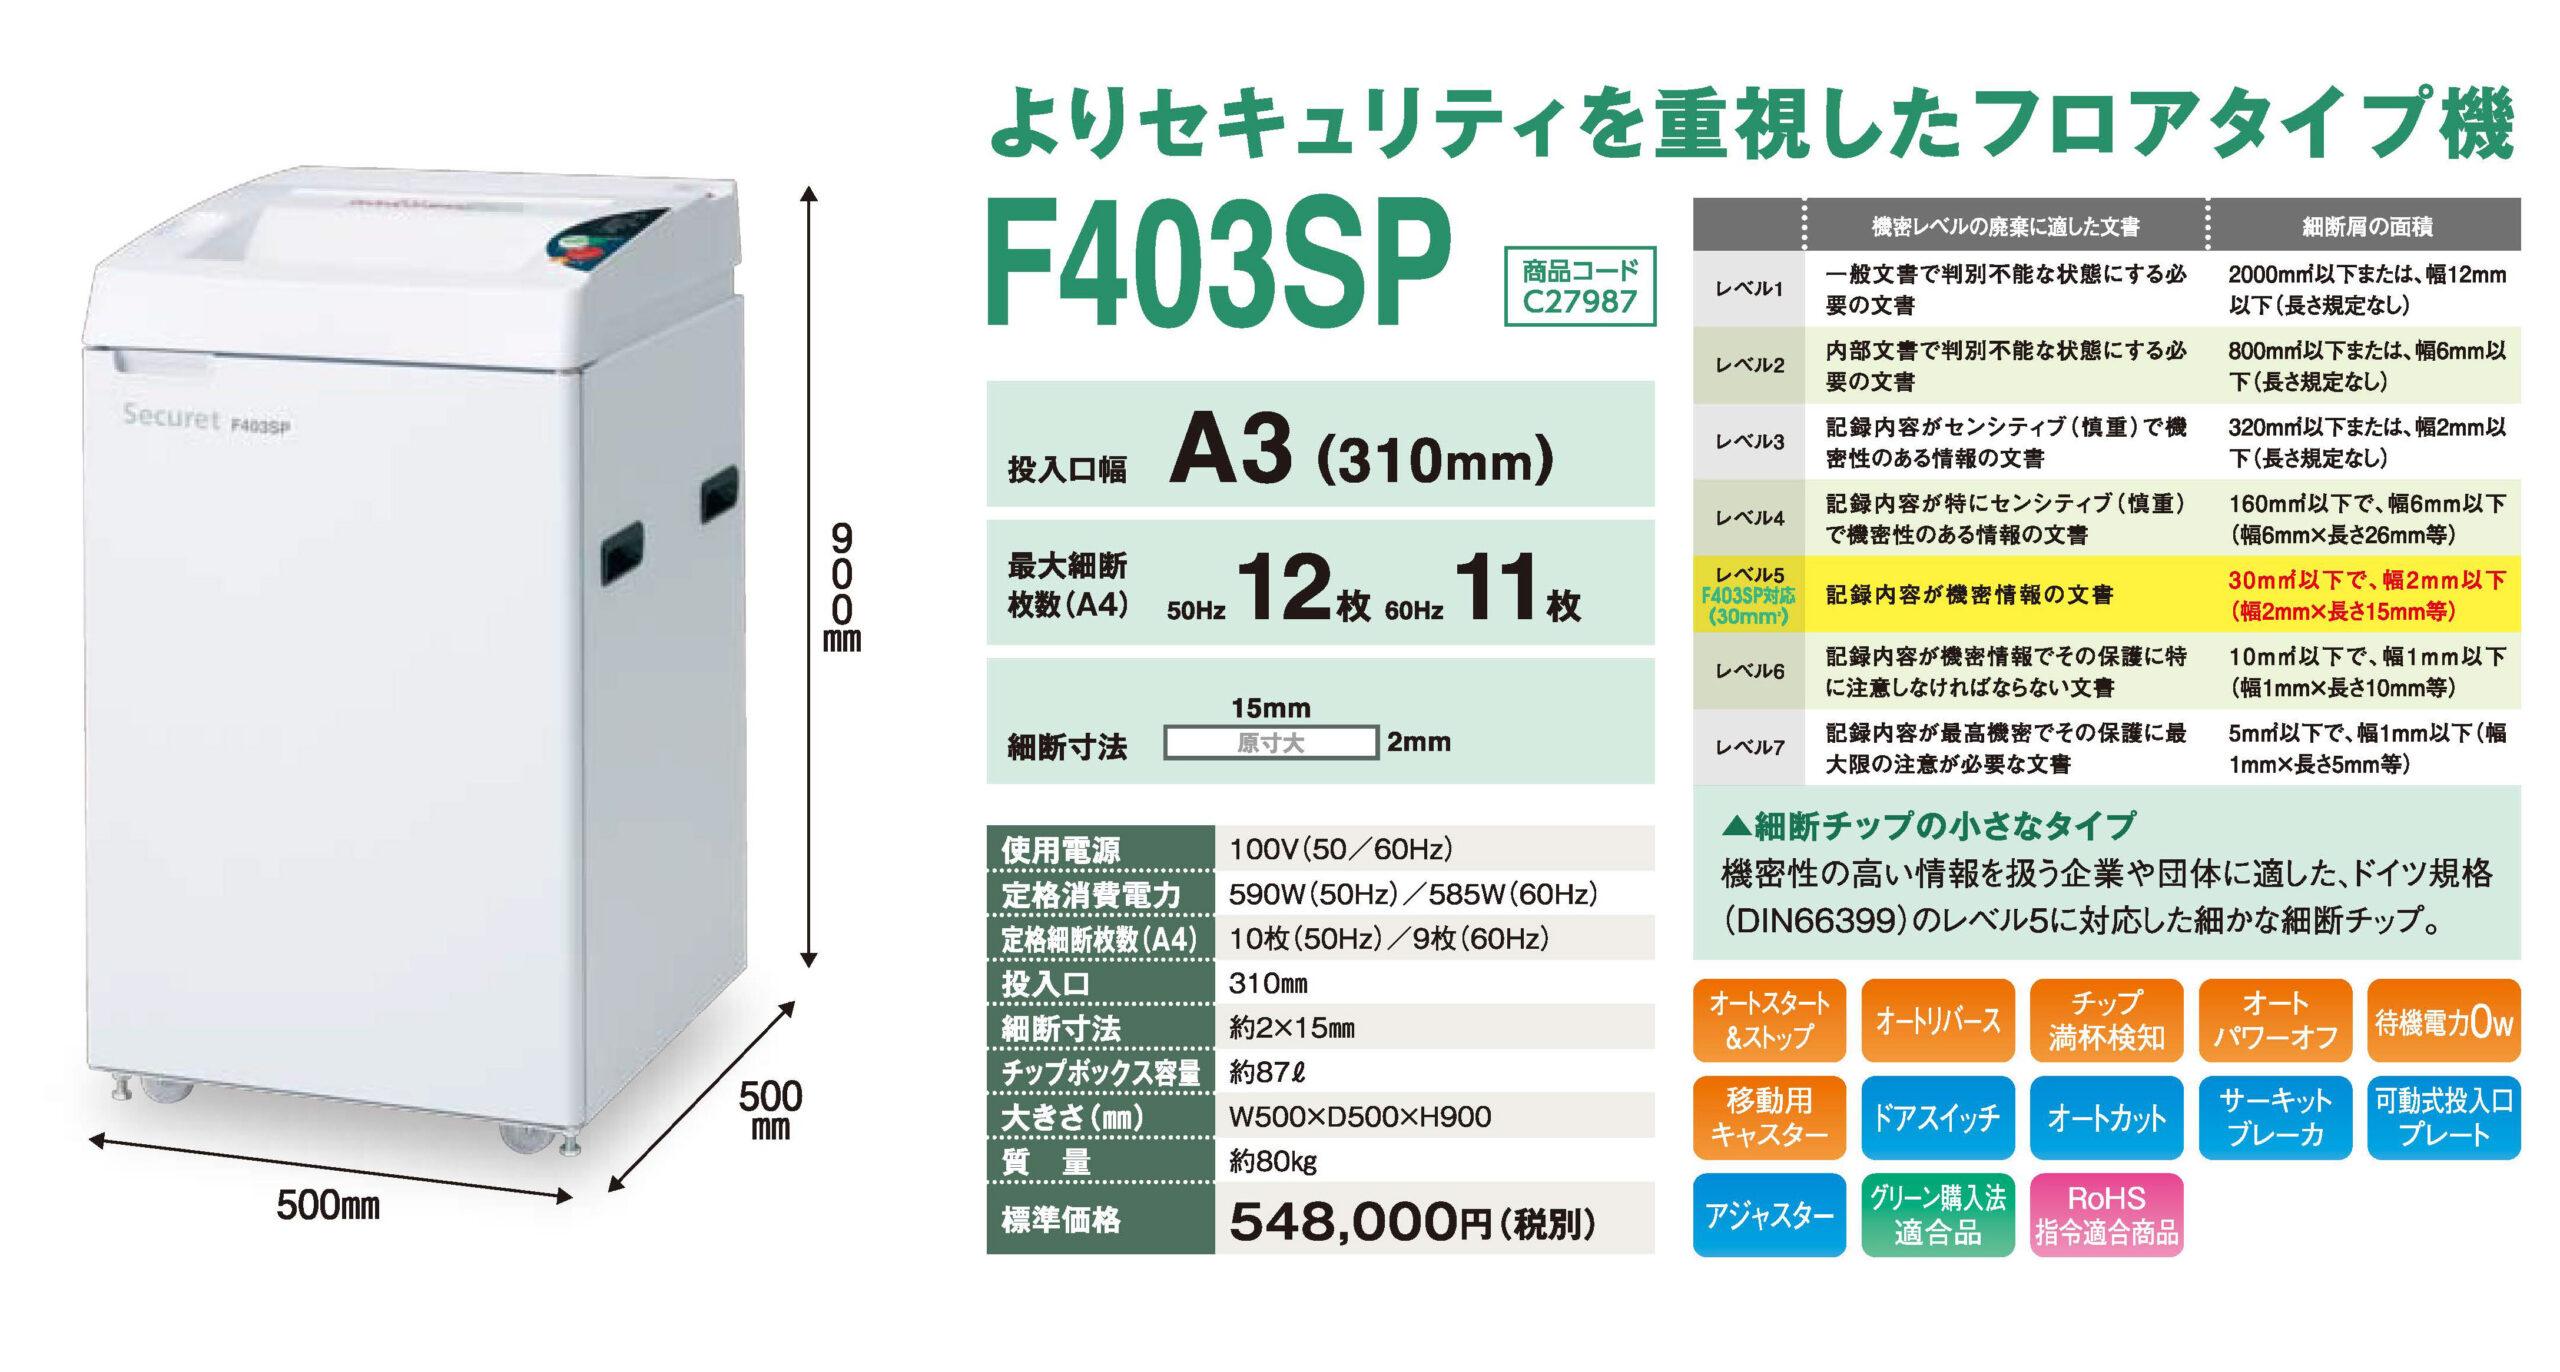 石澤製作所 セキュレットシュレッダF403SP